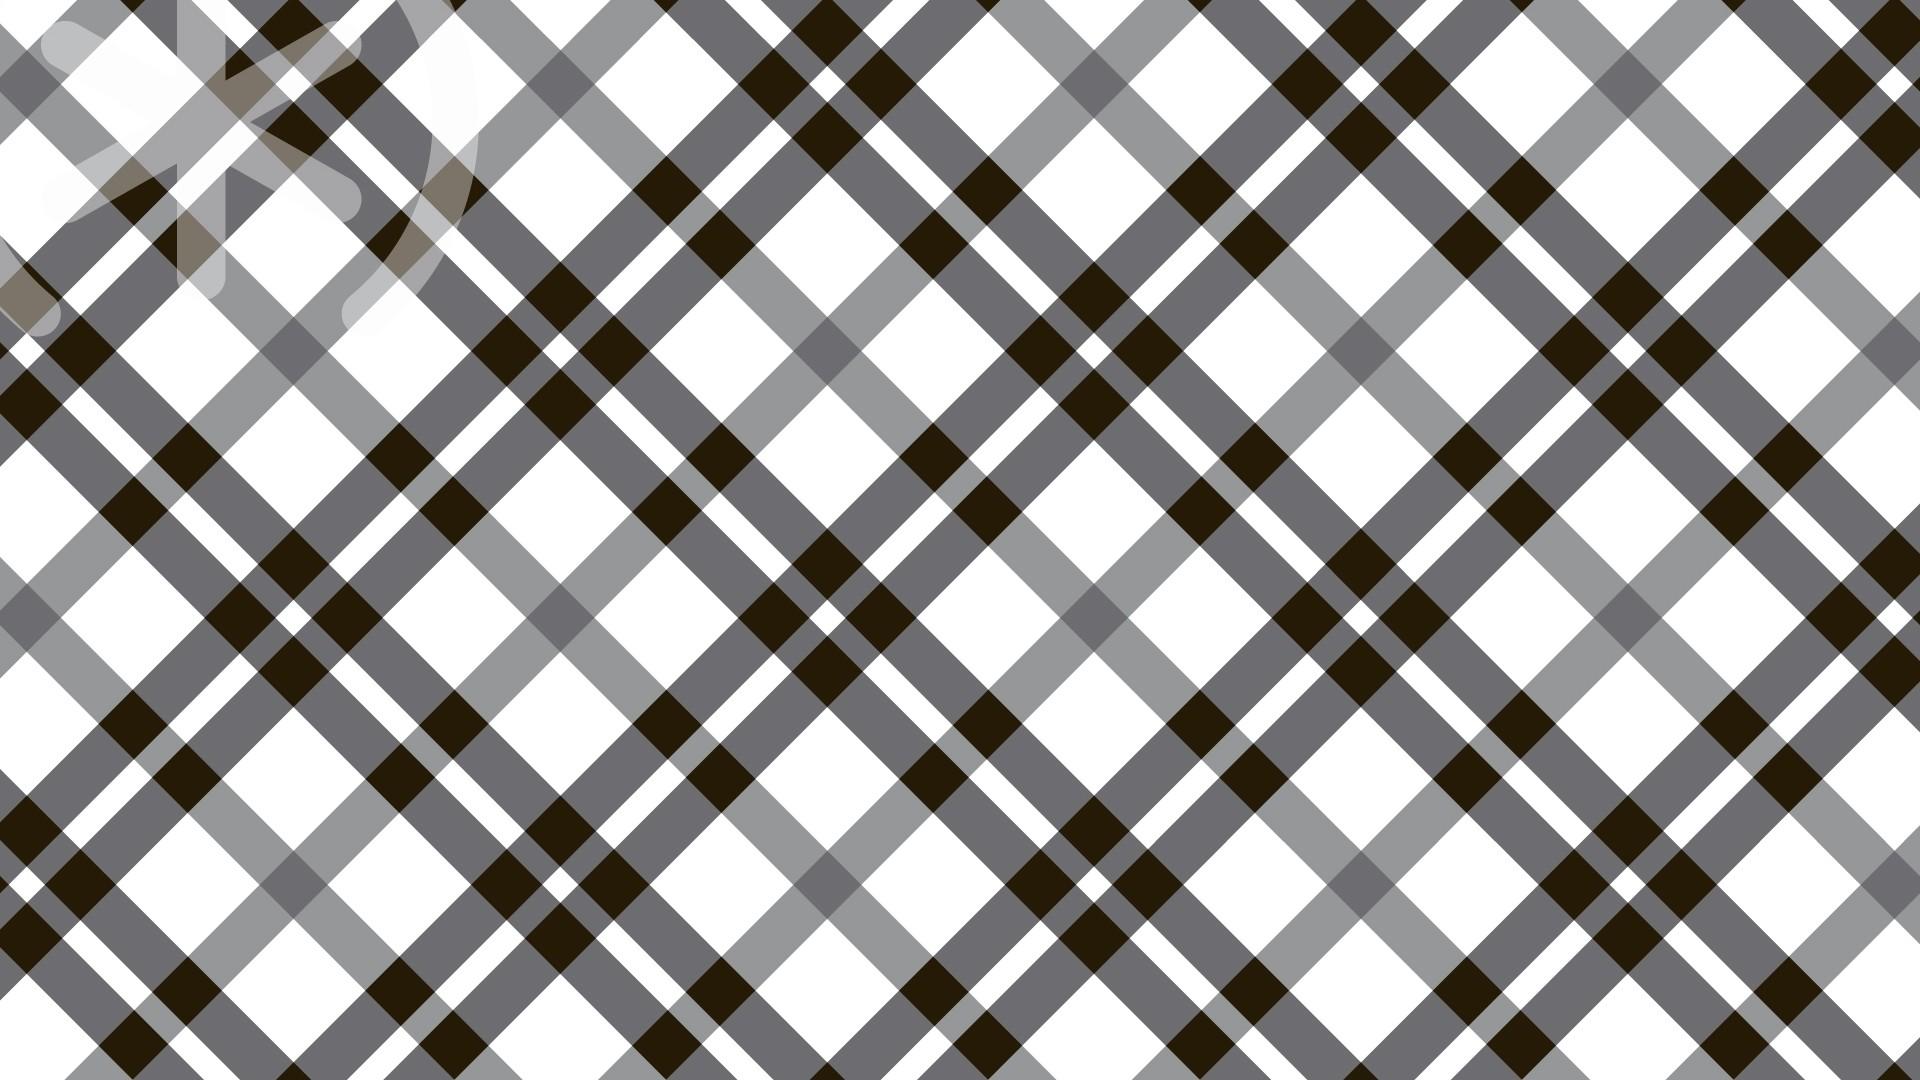 Checkerboard Wallpaper theme